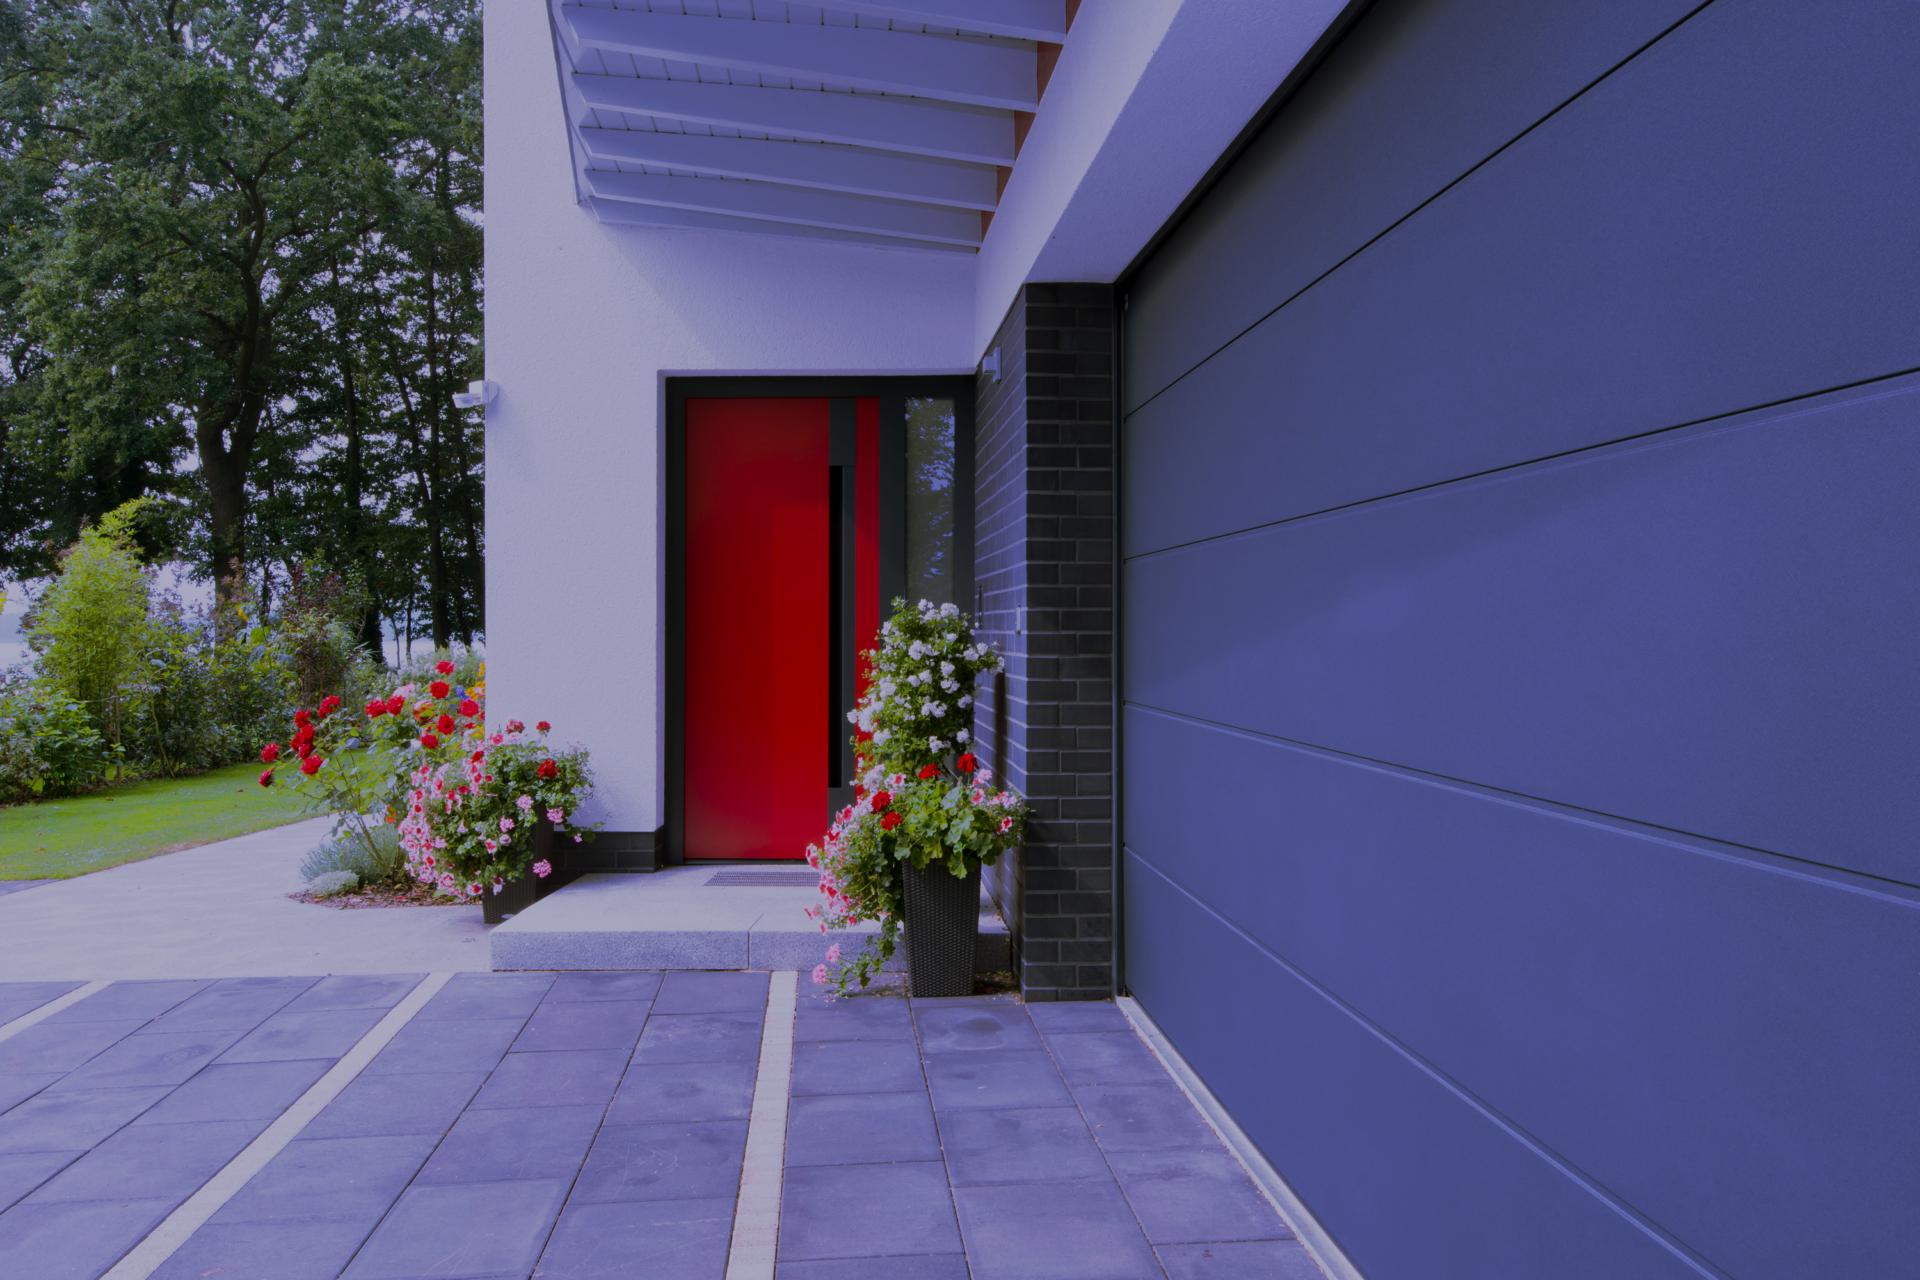 rote Tür aus der Entfernung in blau